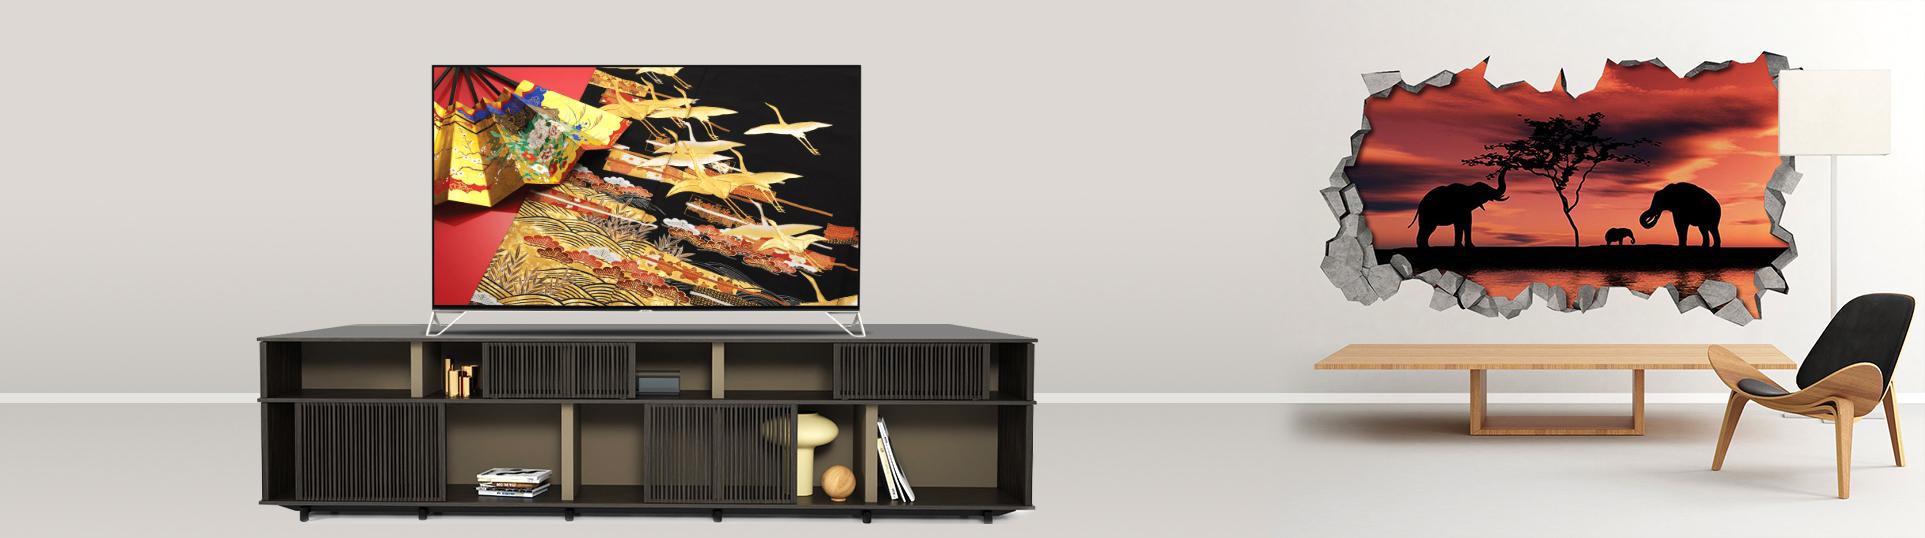 Tivi 8K Sharp 70 inch LC-70XU830X với màn hình 70 inches chuẩn nét